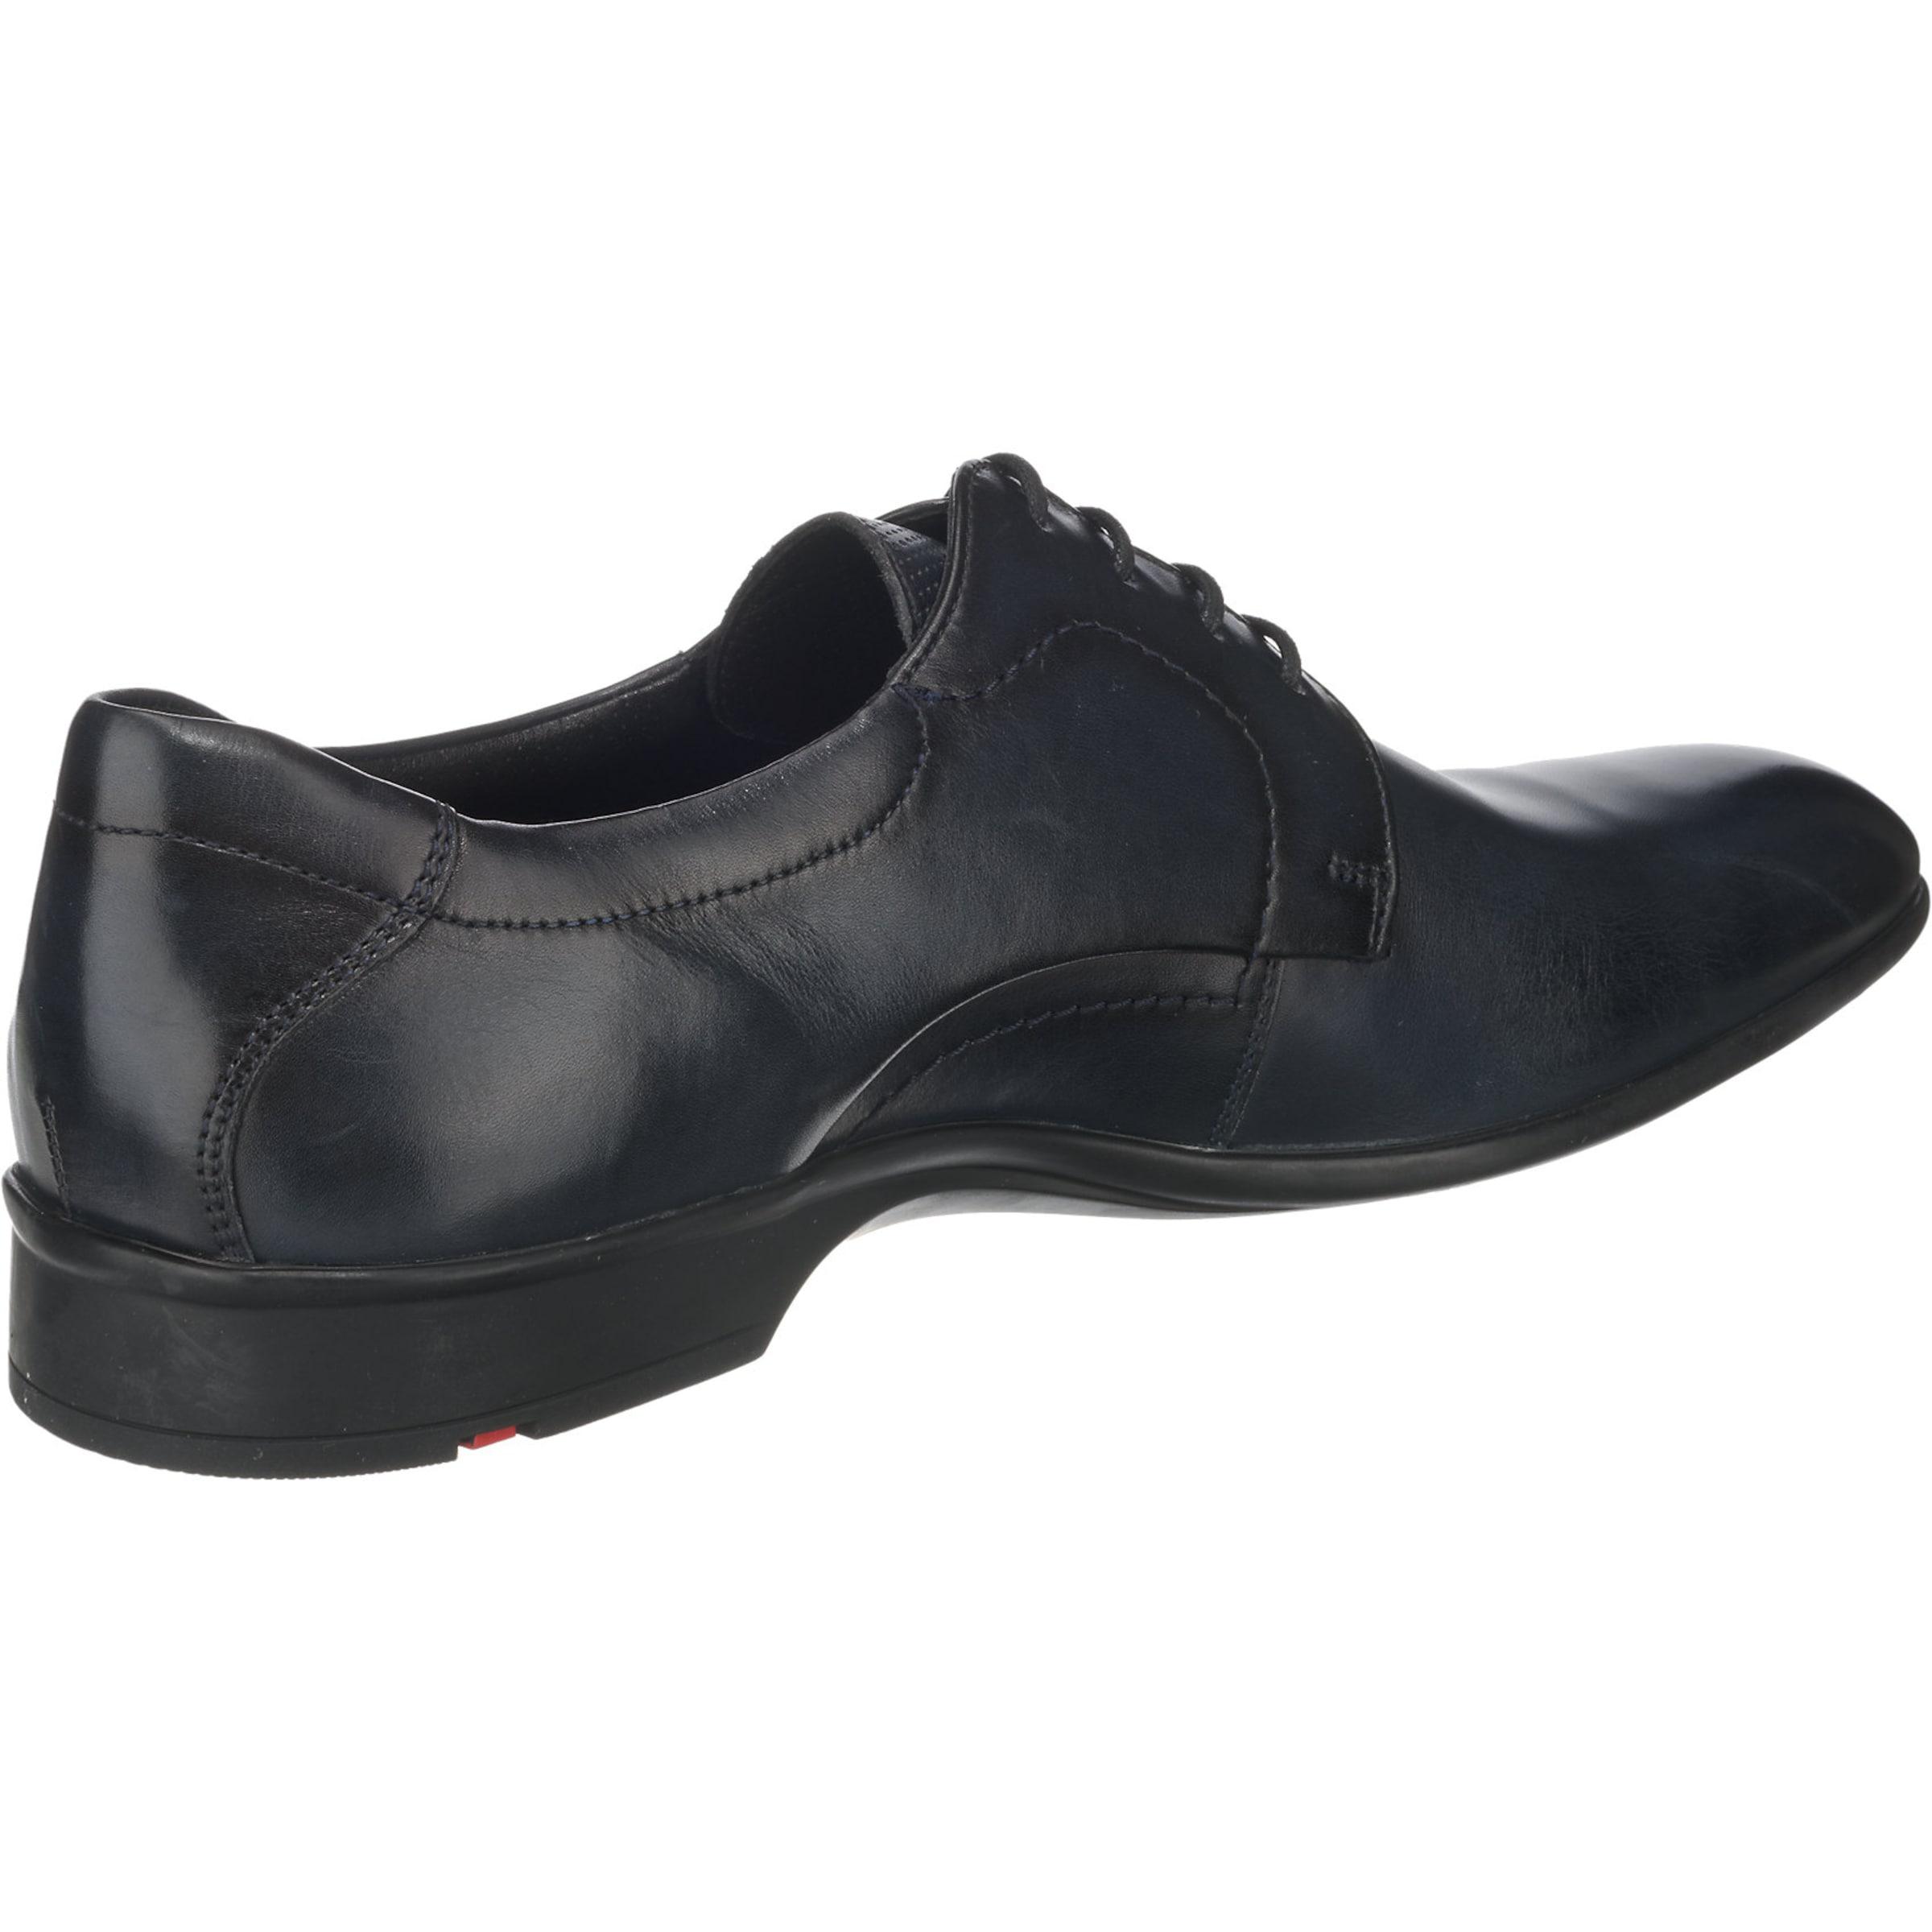 LLOYD IAN Business-Schnürschuhe Business-Schnürschuhe Business-Schnürschuhe Leder Billige Herren- und Damenschuhe f556f0